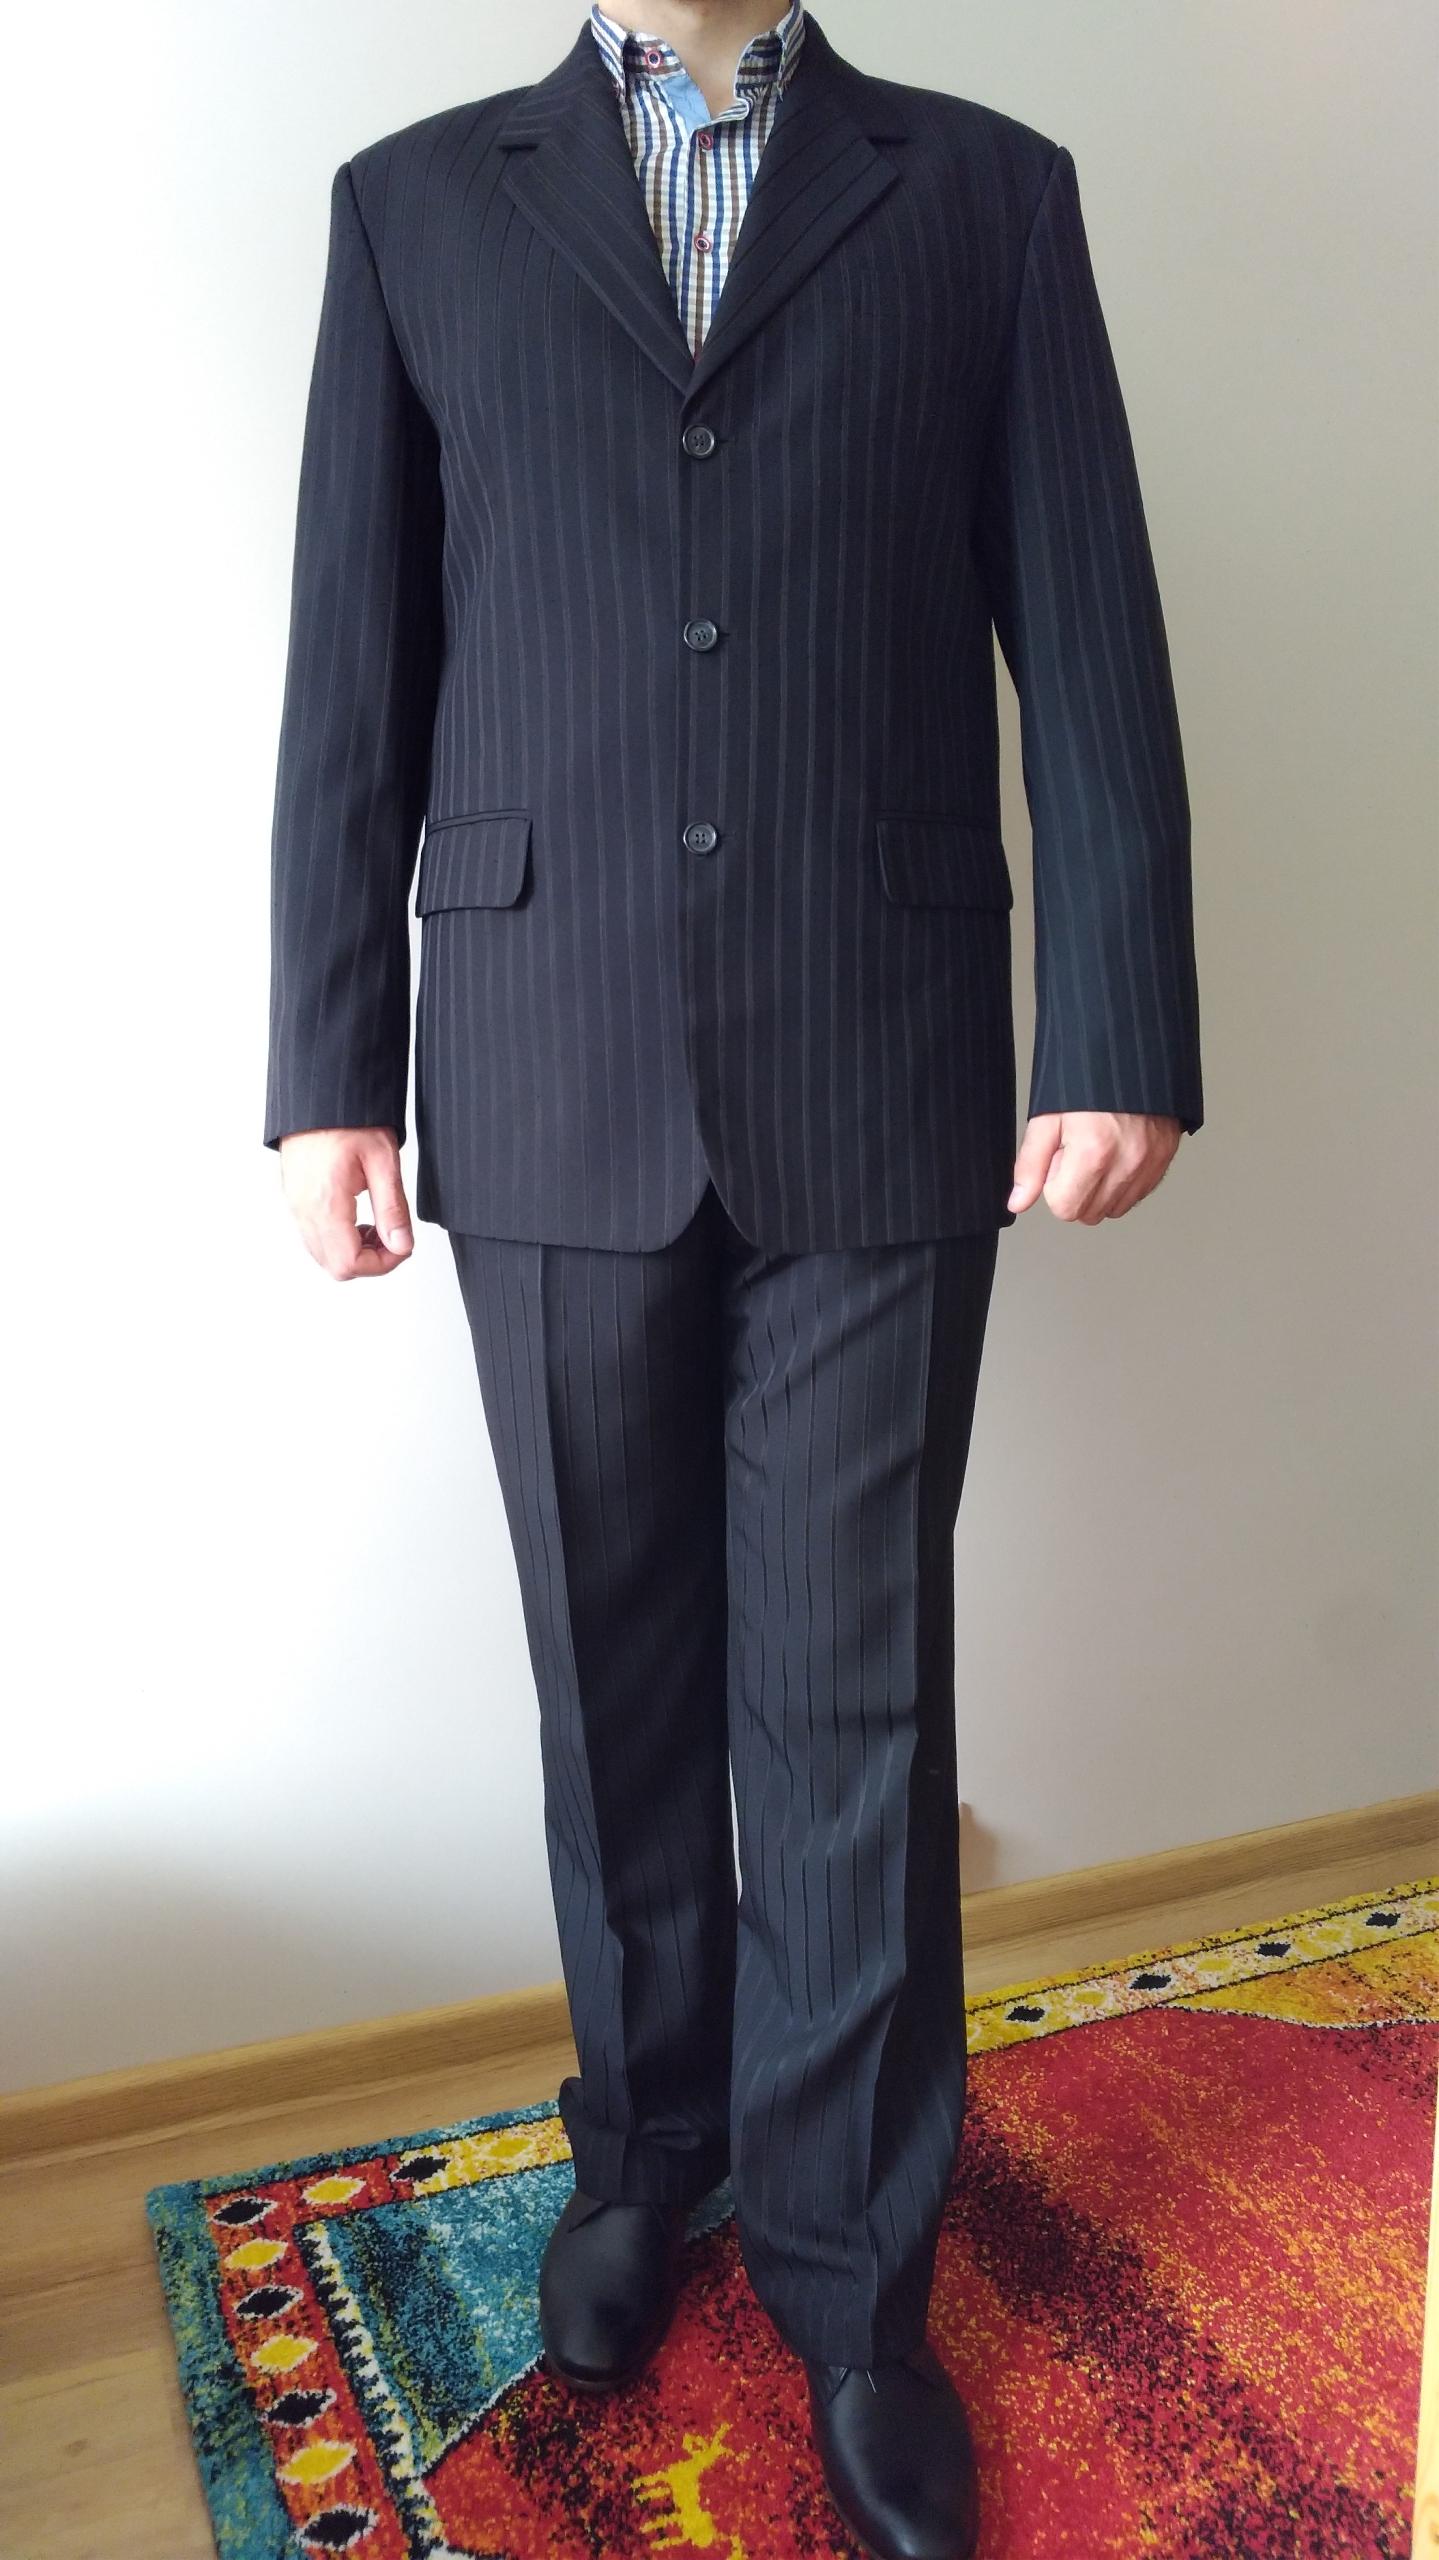 c78c599eb2e1b Garnitur męski spodnie kamizelka czarny r 182/104 - 7765840867 ...